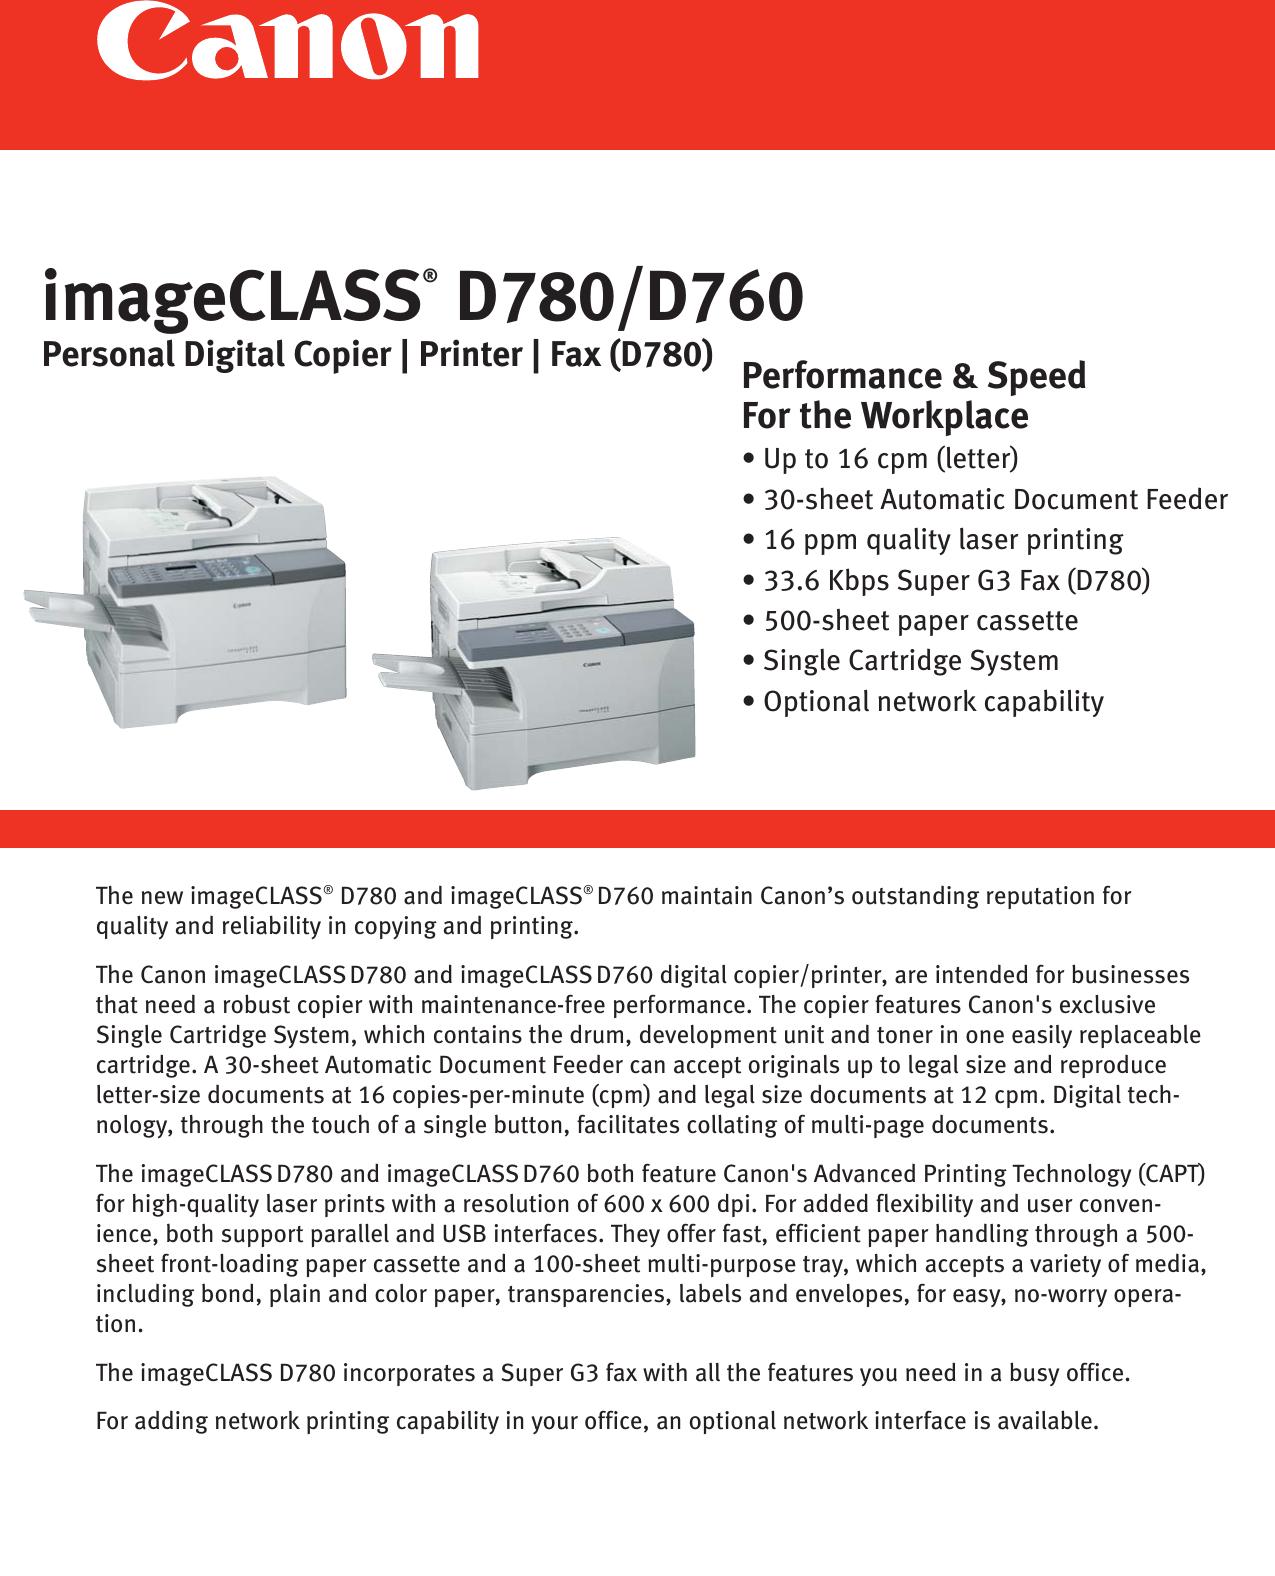 IMAGECLASS D780 DESCARGAR DRIVER